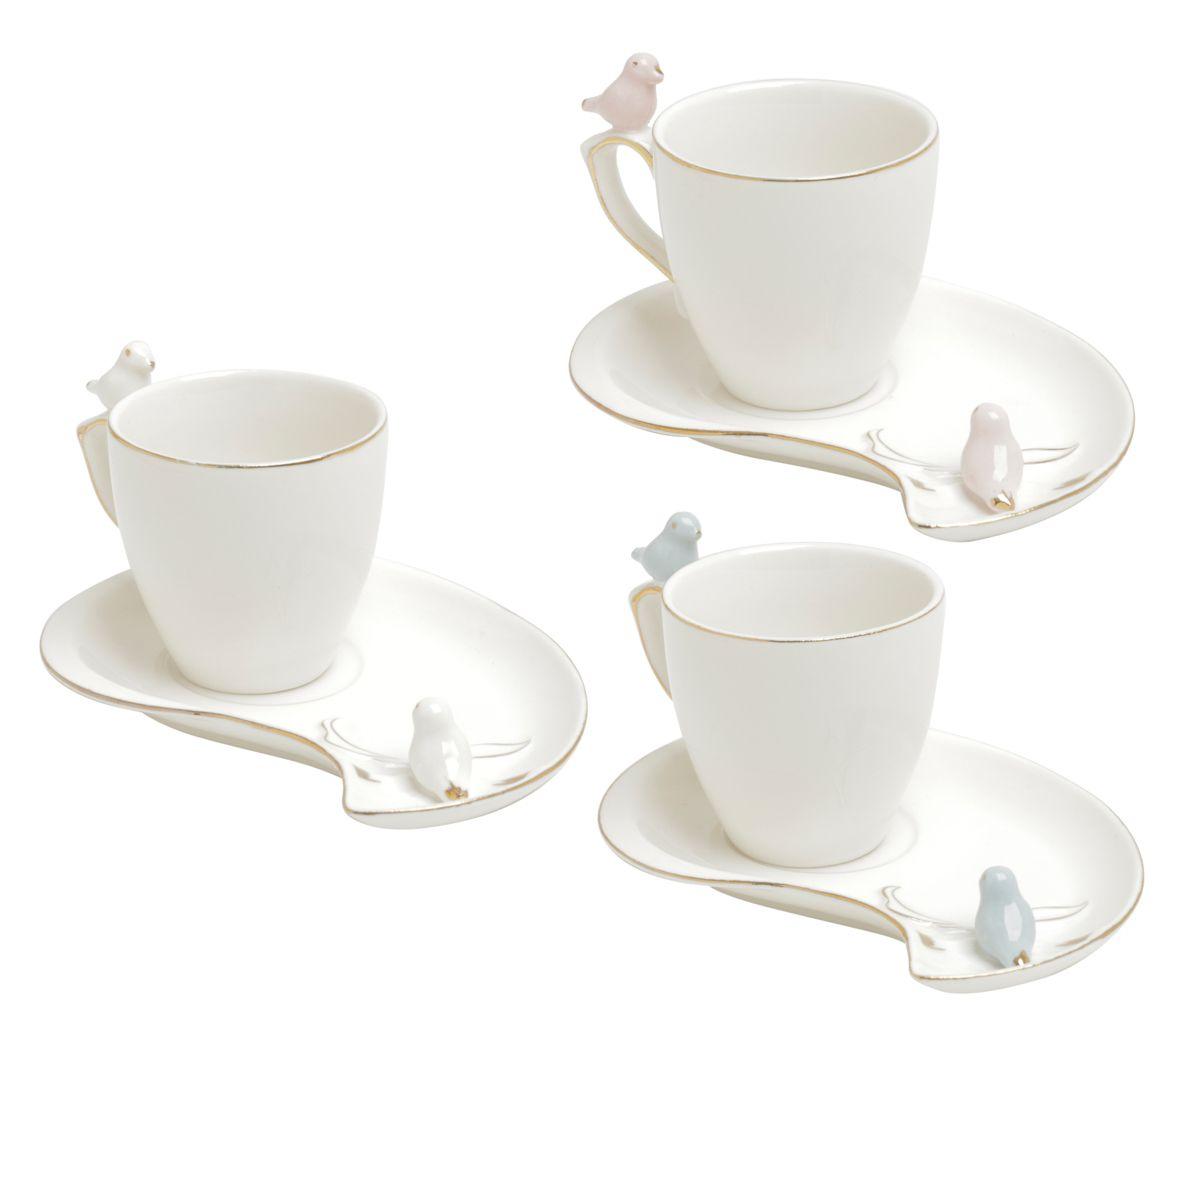 Jogo 6 xícaras 90ml para café de porcelana colorida com pires design Cute Birds Wolff - 35467